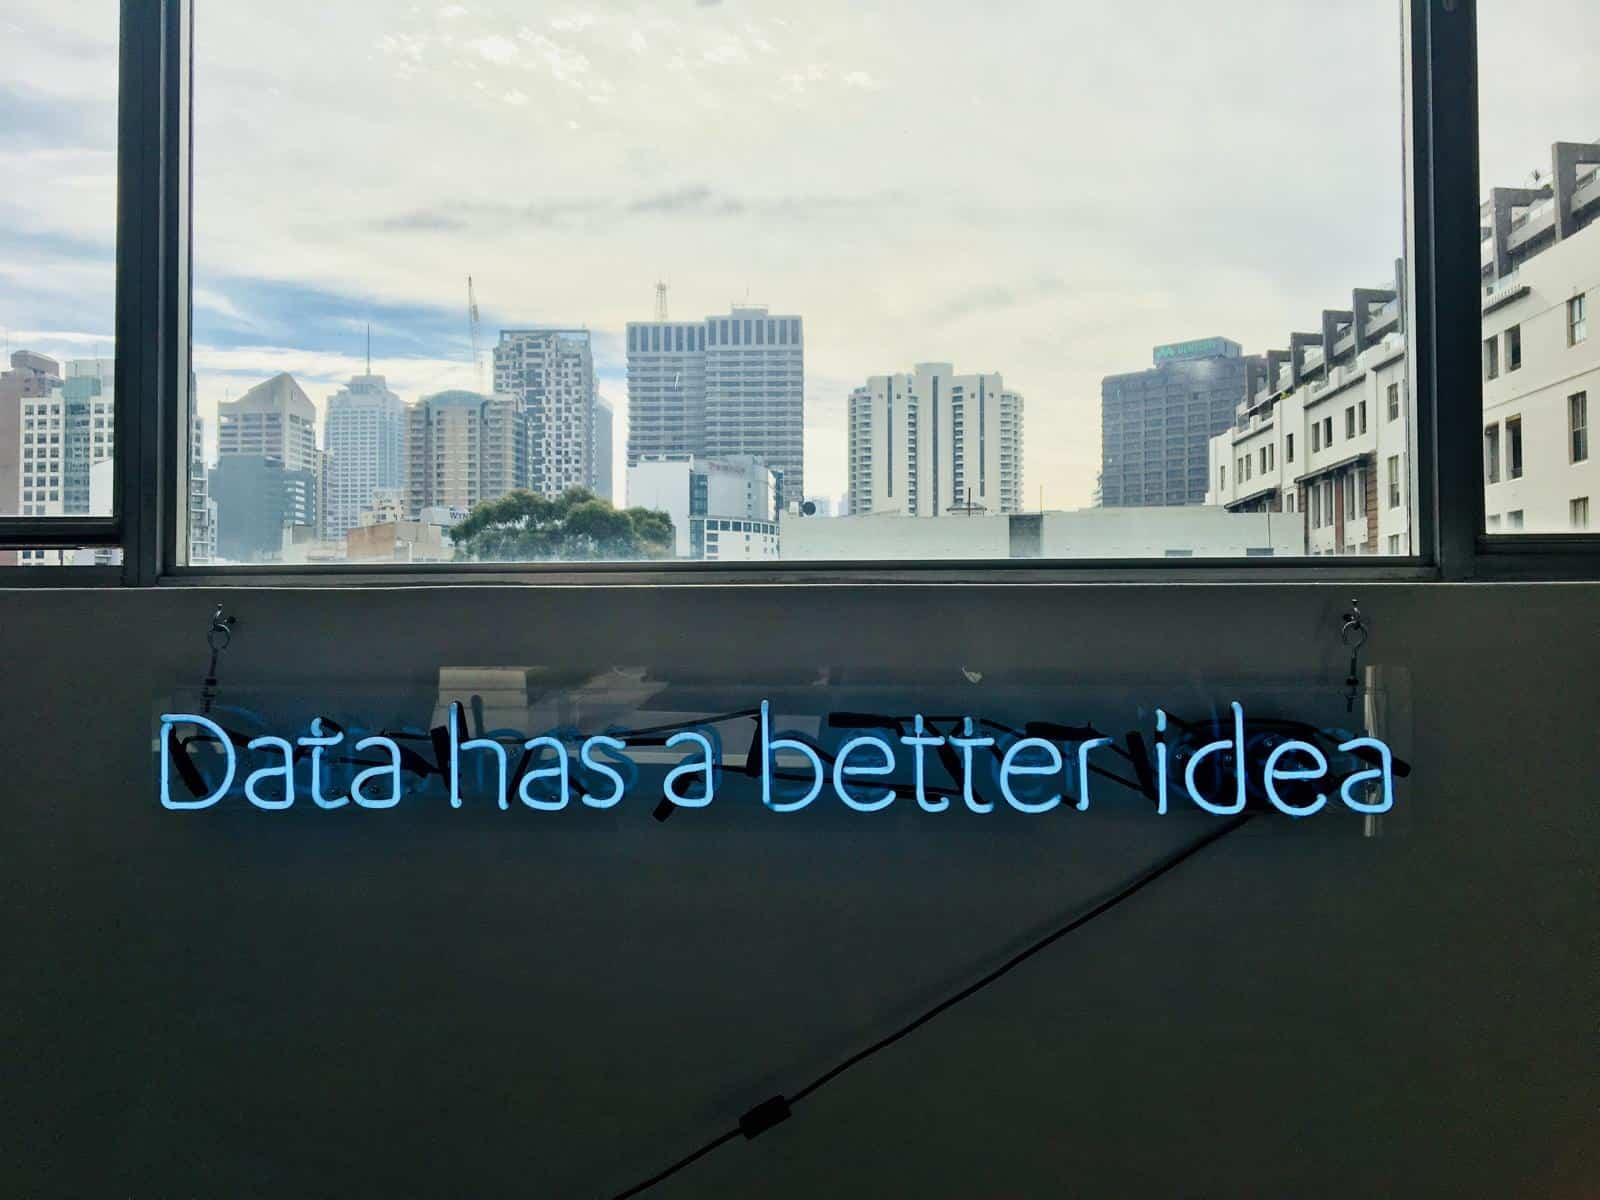 Entscheidungen die auf Daten beruhen sind erfolgreicher, als Entscheidungen aus dem Bauch heraus!